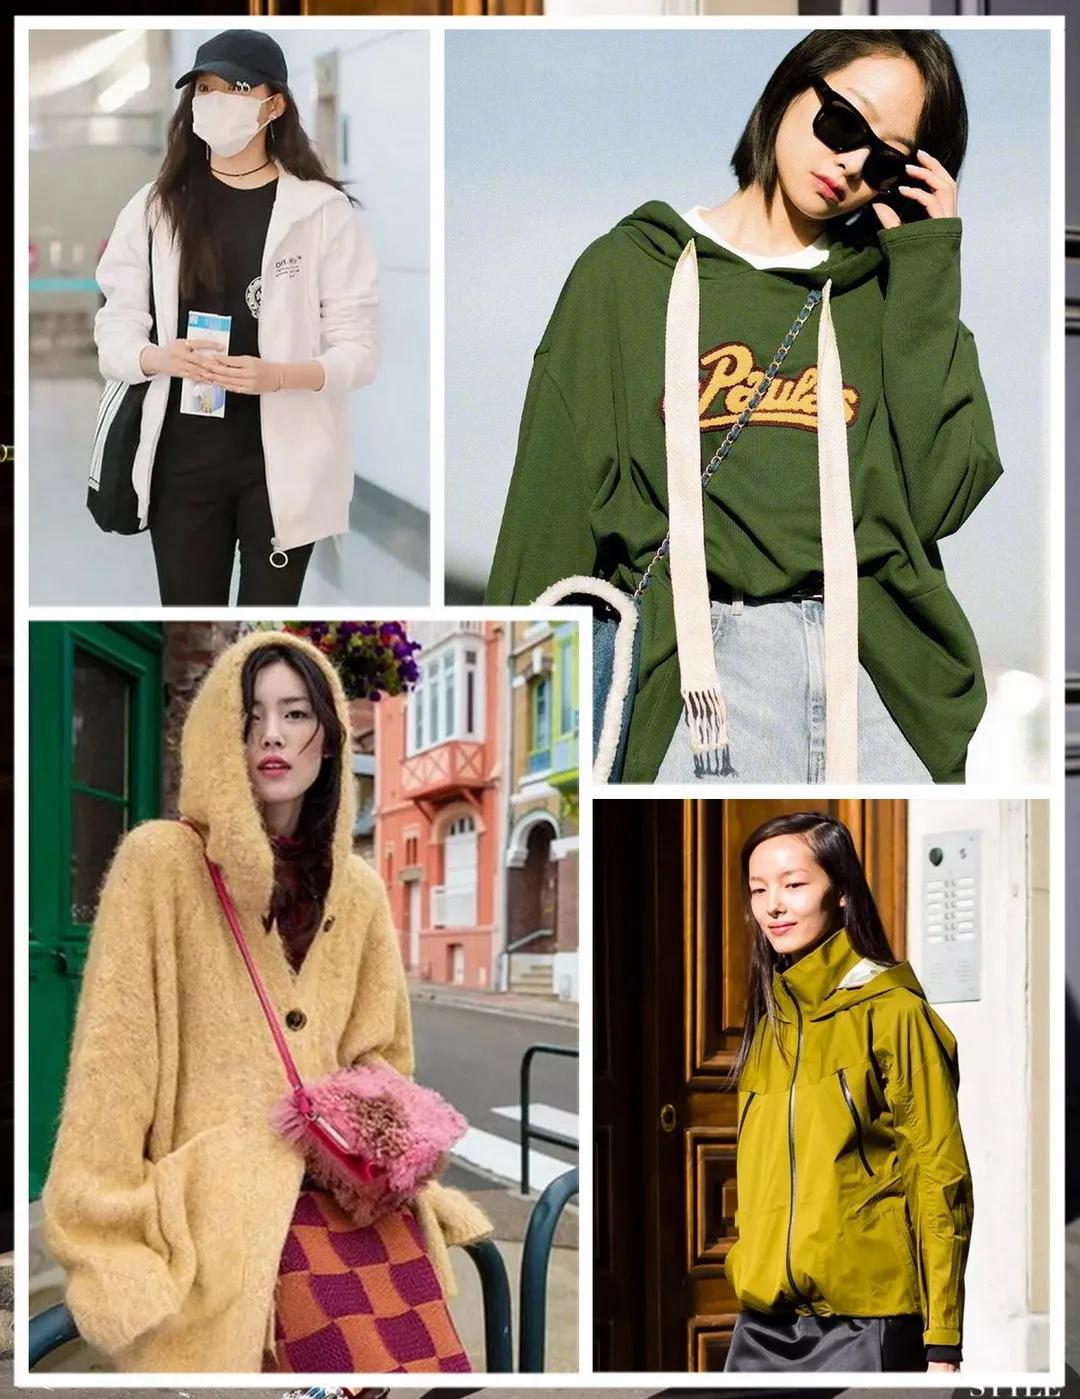 Mùa lạnh dân tình thi nhau diện áo nỉ nhưng muốn diện đẹp mà không sến thì bạn phải học bí kíp từ các blogger - Ảnh 1.